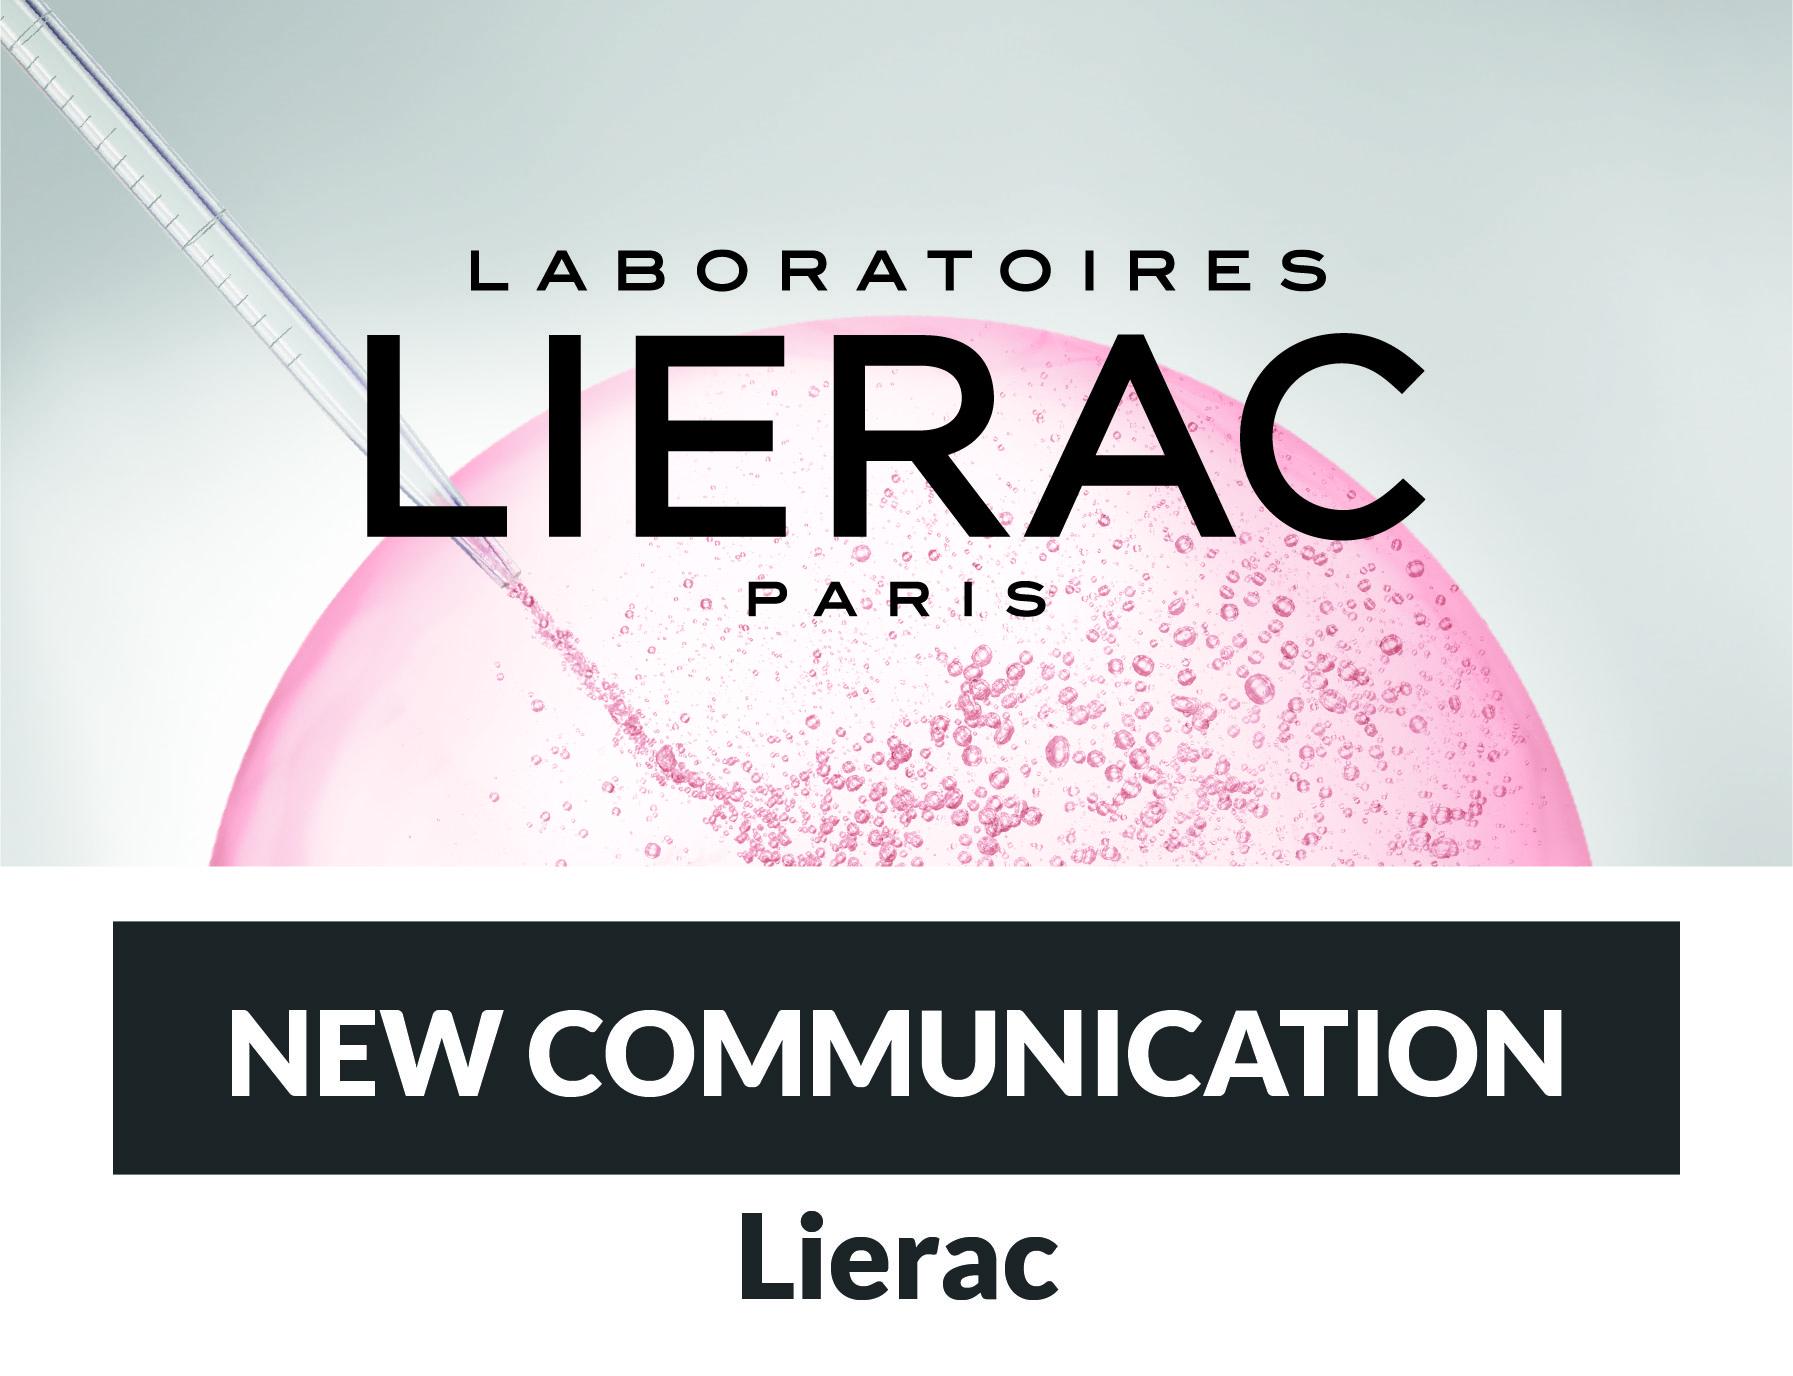 Liearc